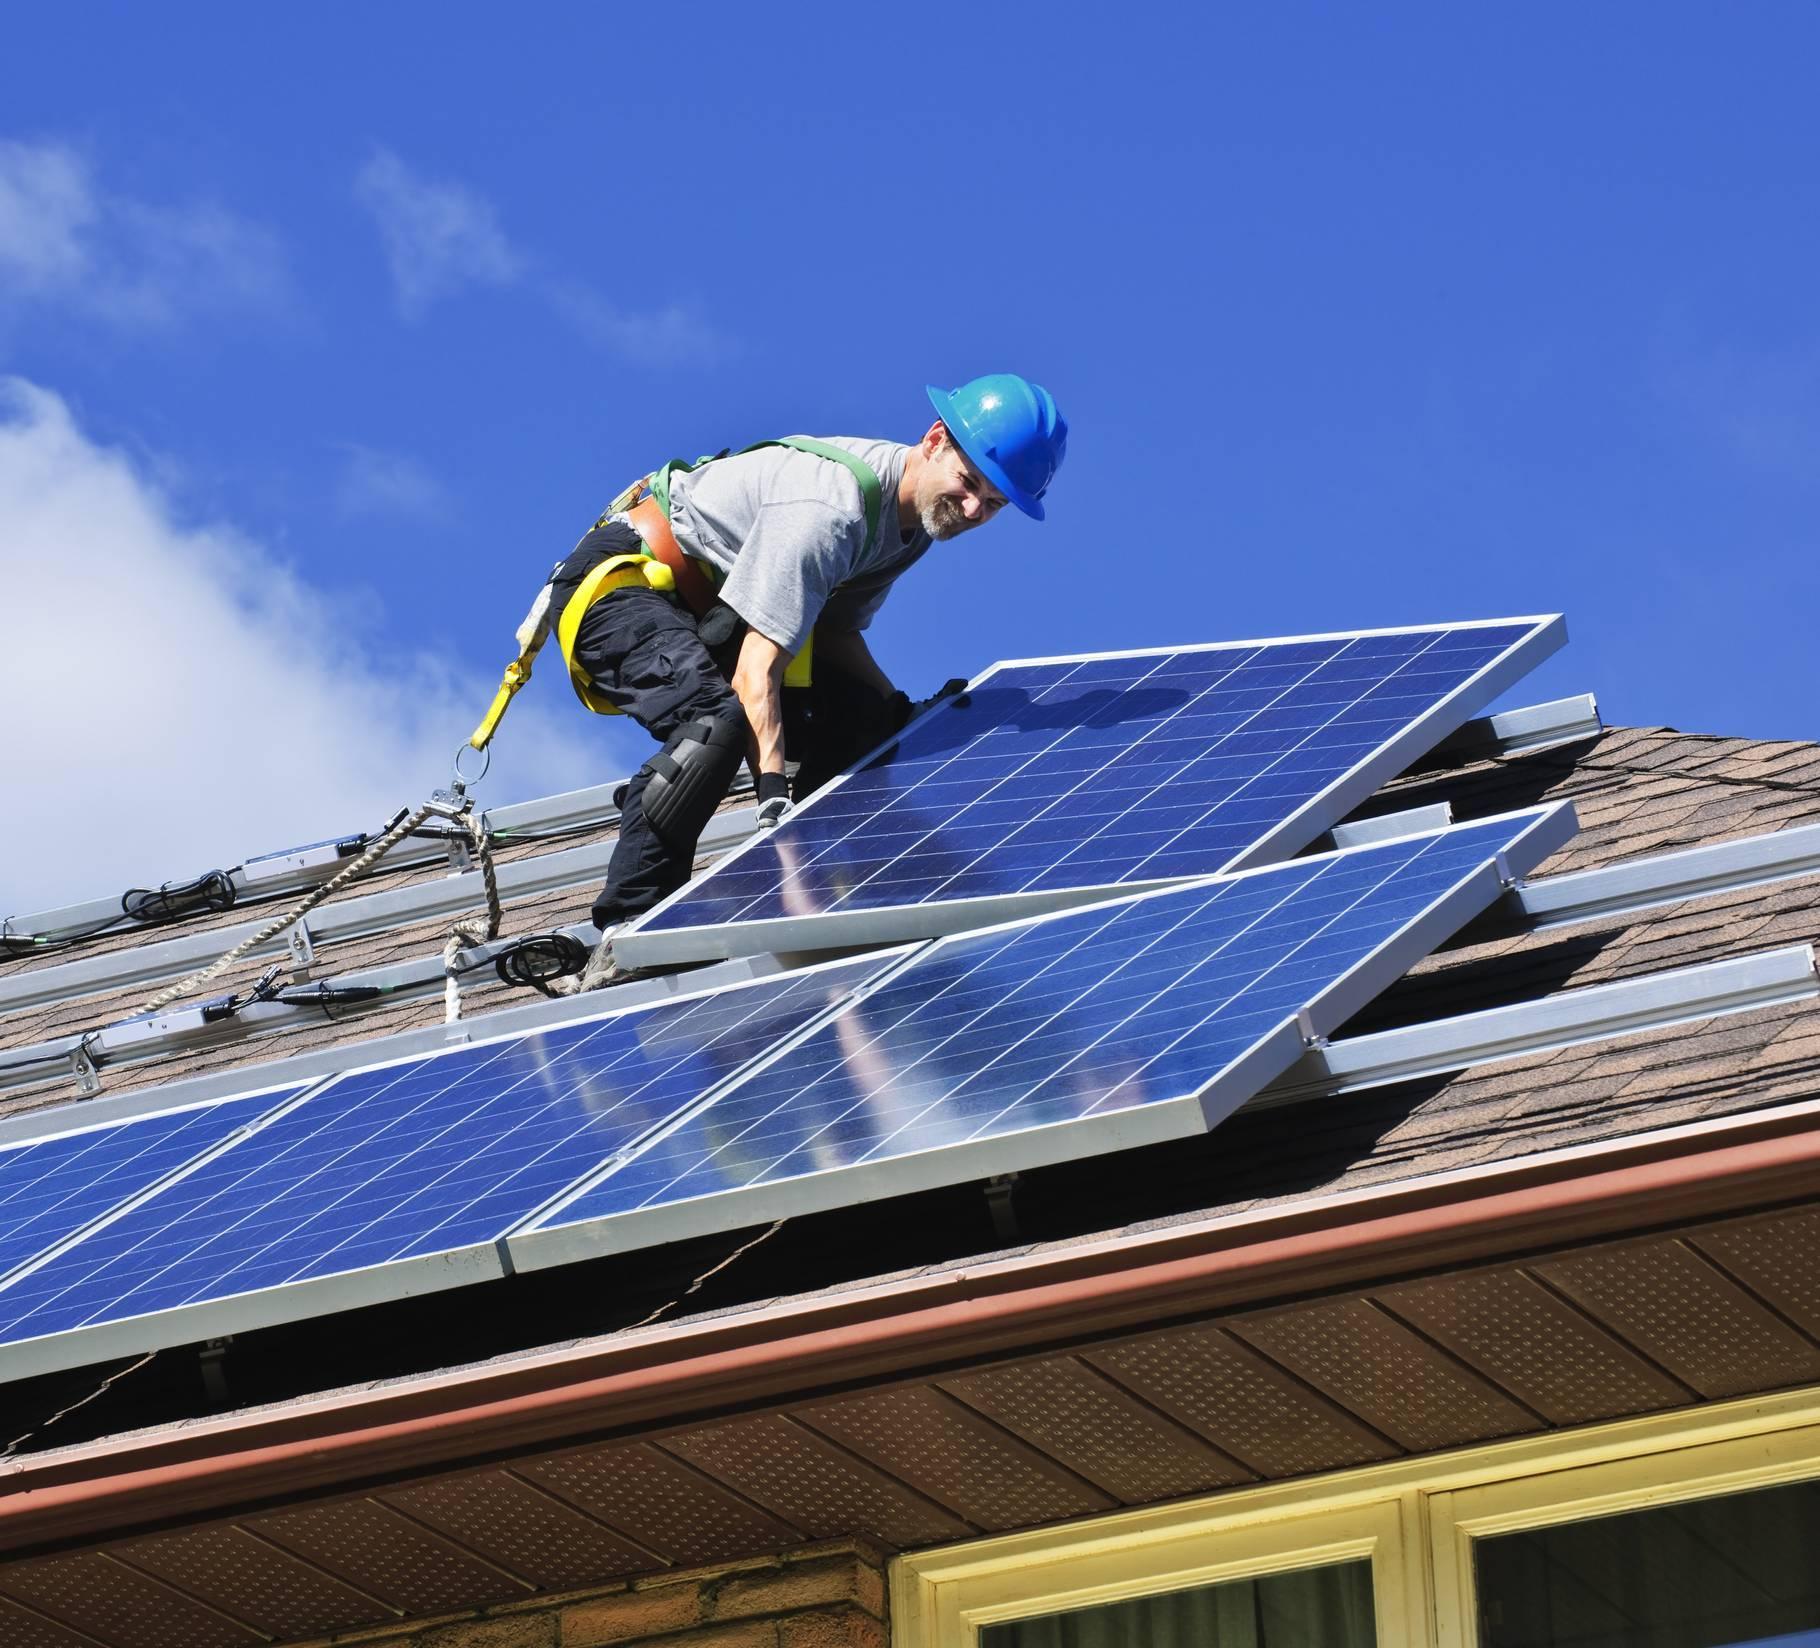 Pose panneaux solaires photovoltaïques